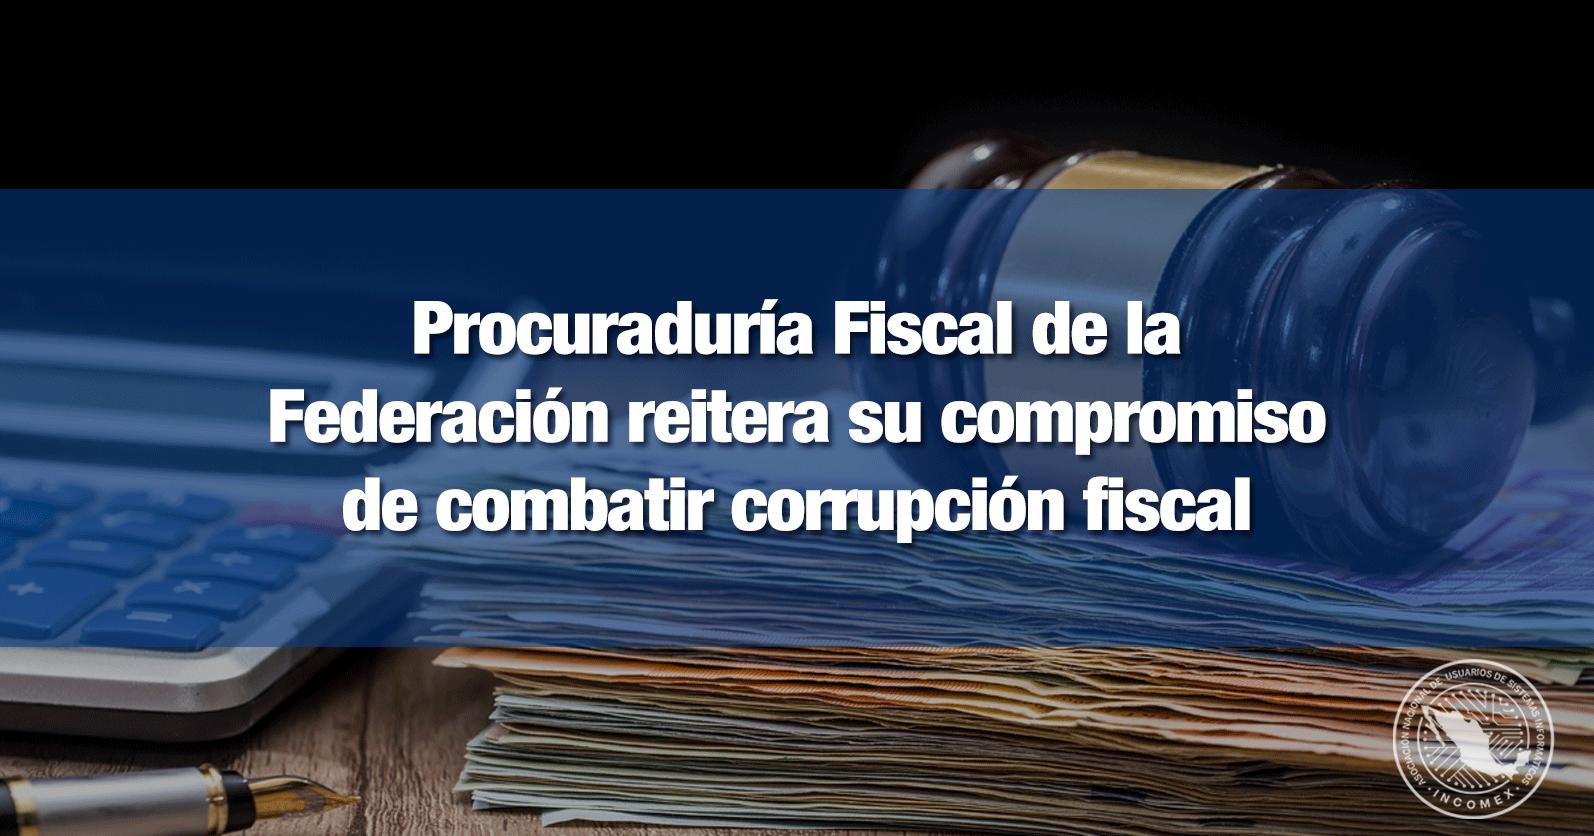 Procuraduría Fiscal de la Federación reitera su compromiso de combatir corrupción fiscal